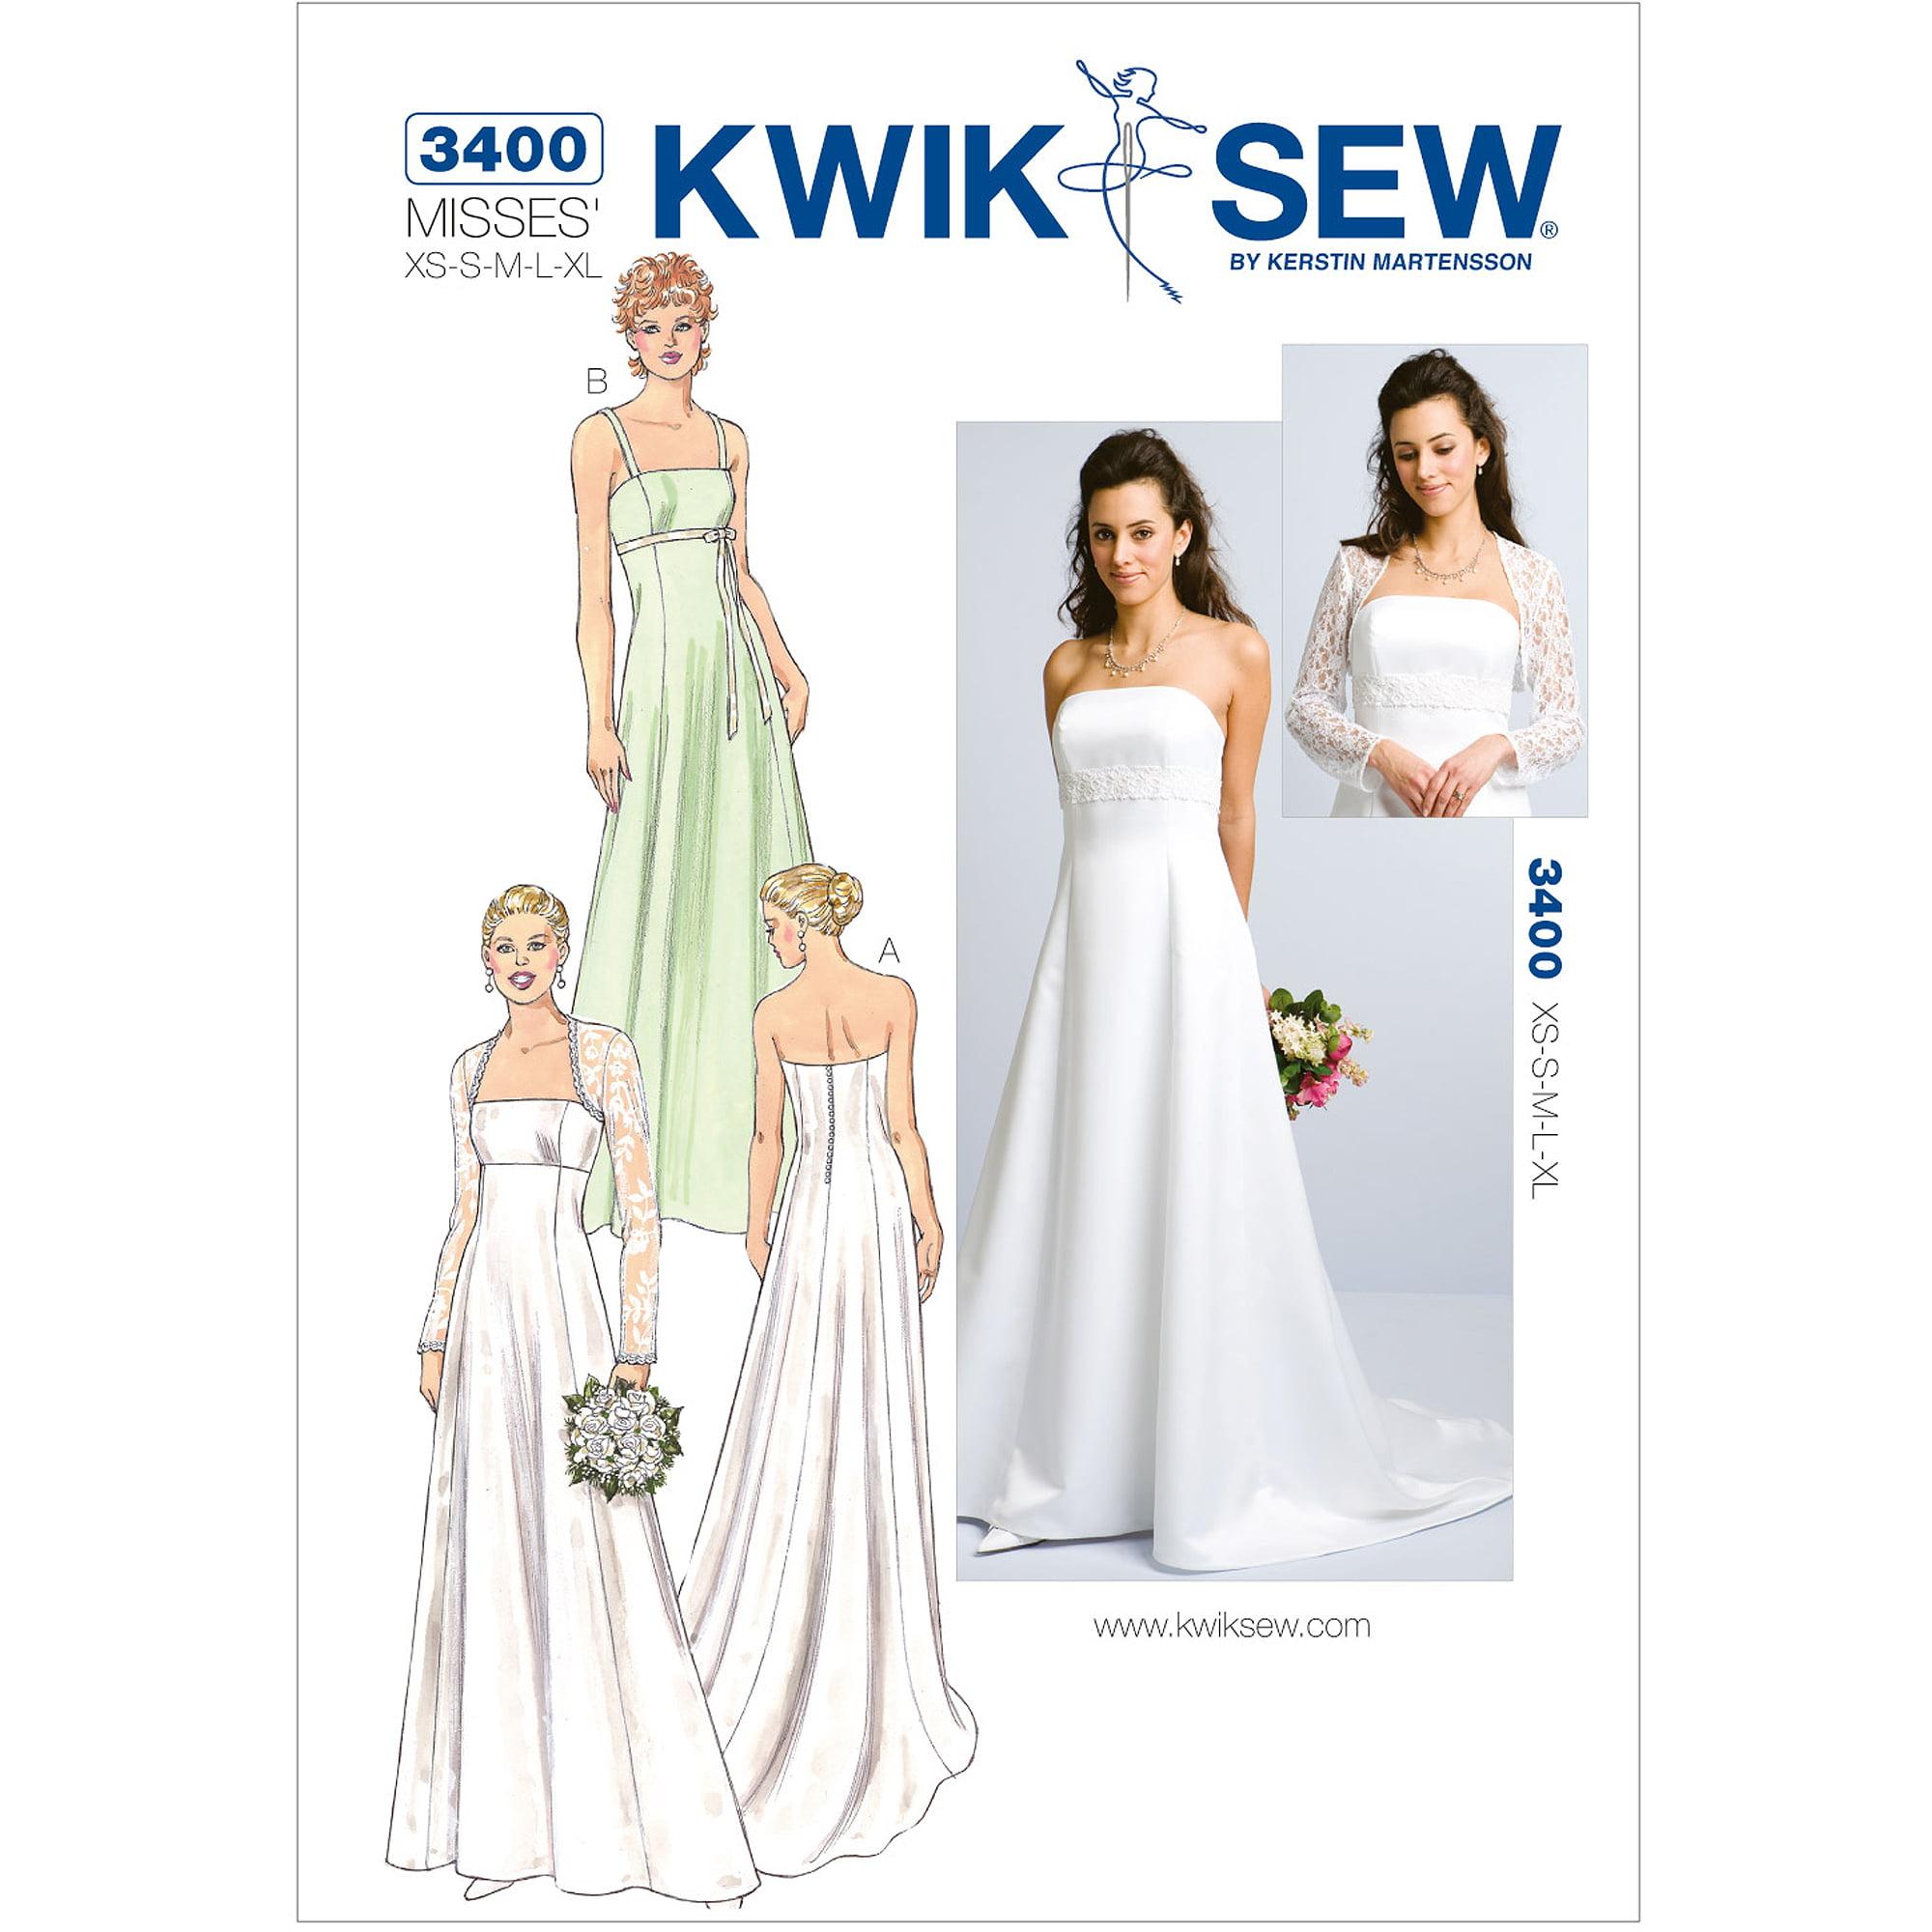 Kwik Sew Pattern Gowns and Bolero, (XS, S, M, L, XL)